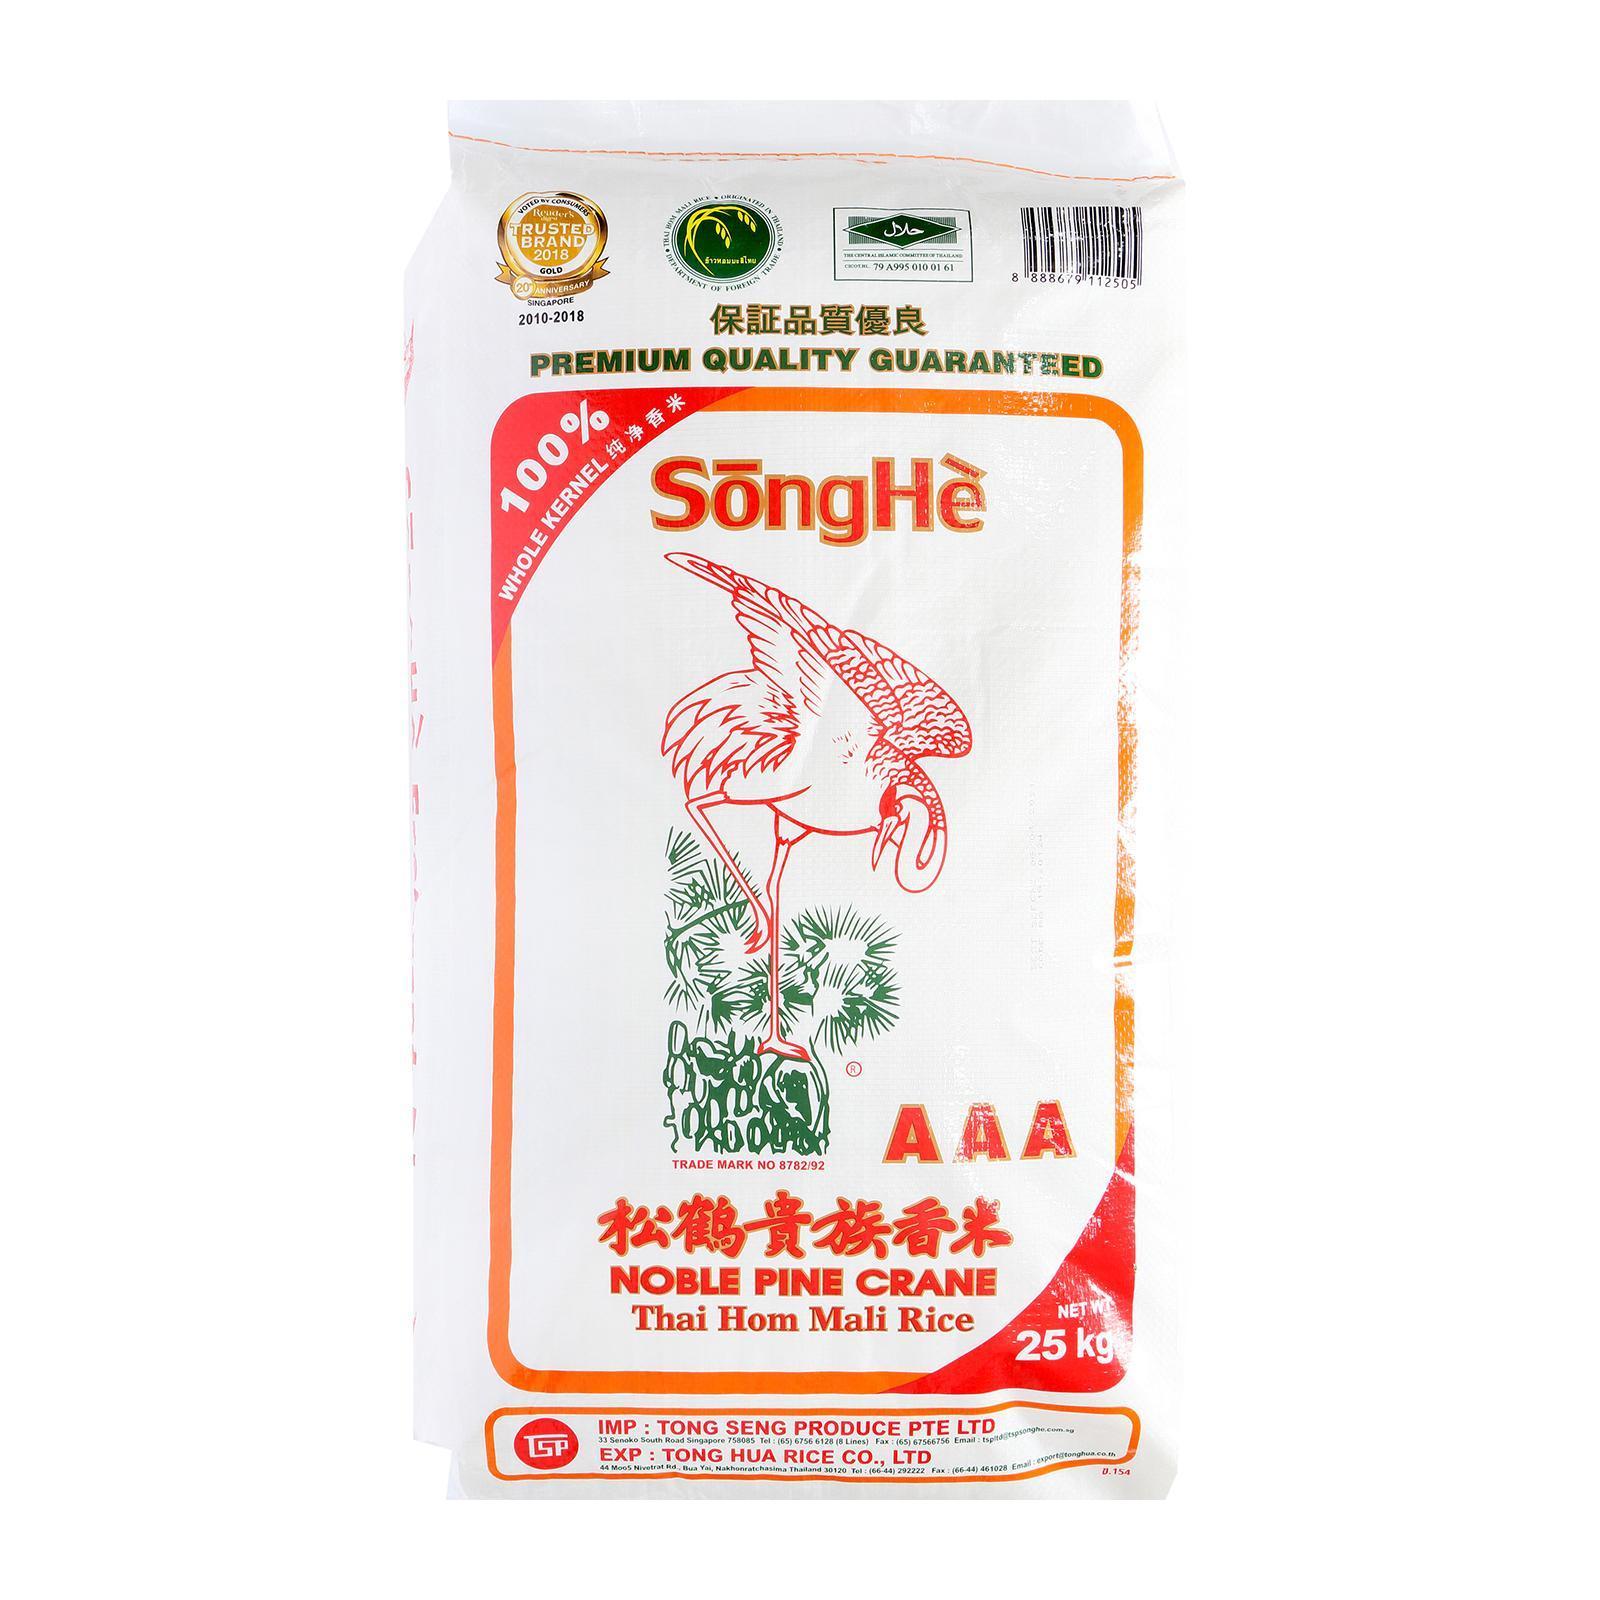 SongHe Thai Hom Mali Rice